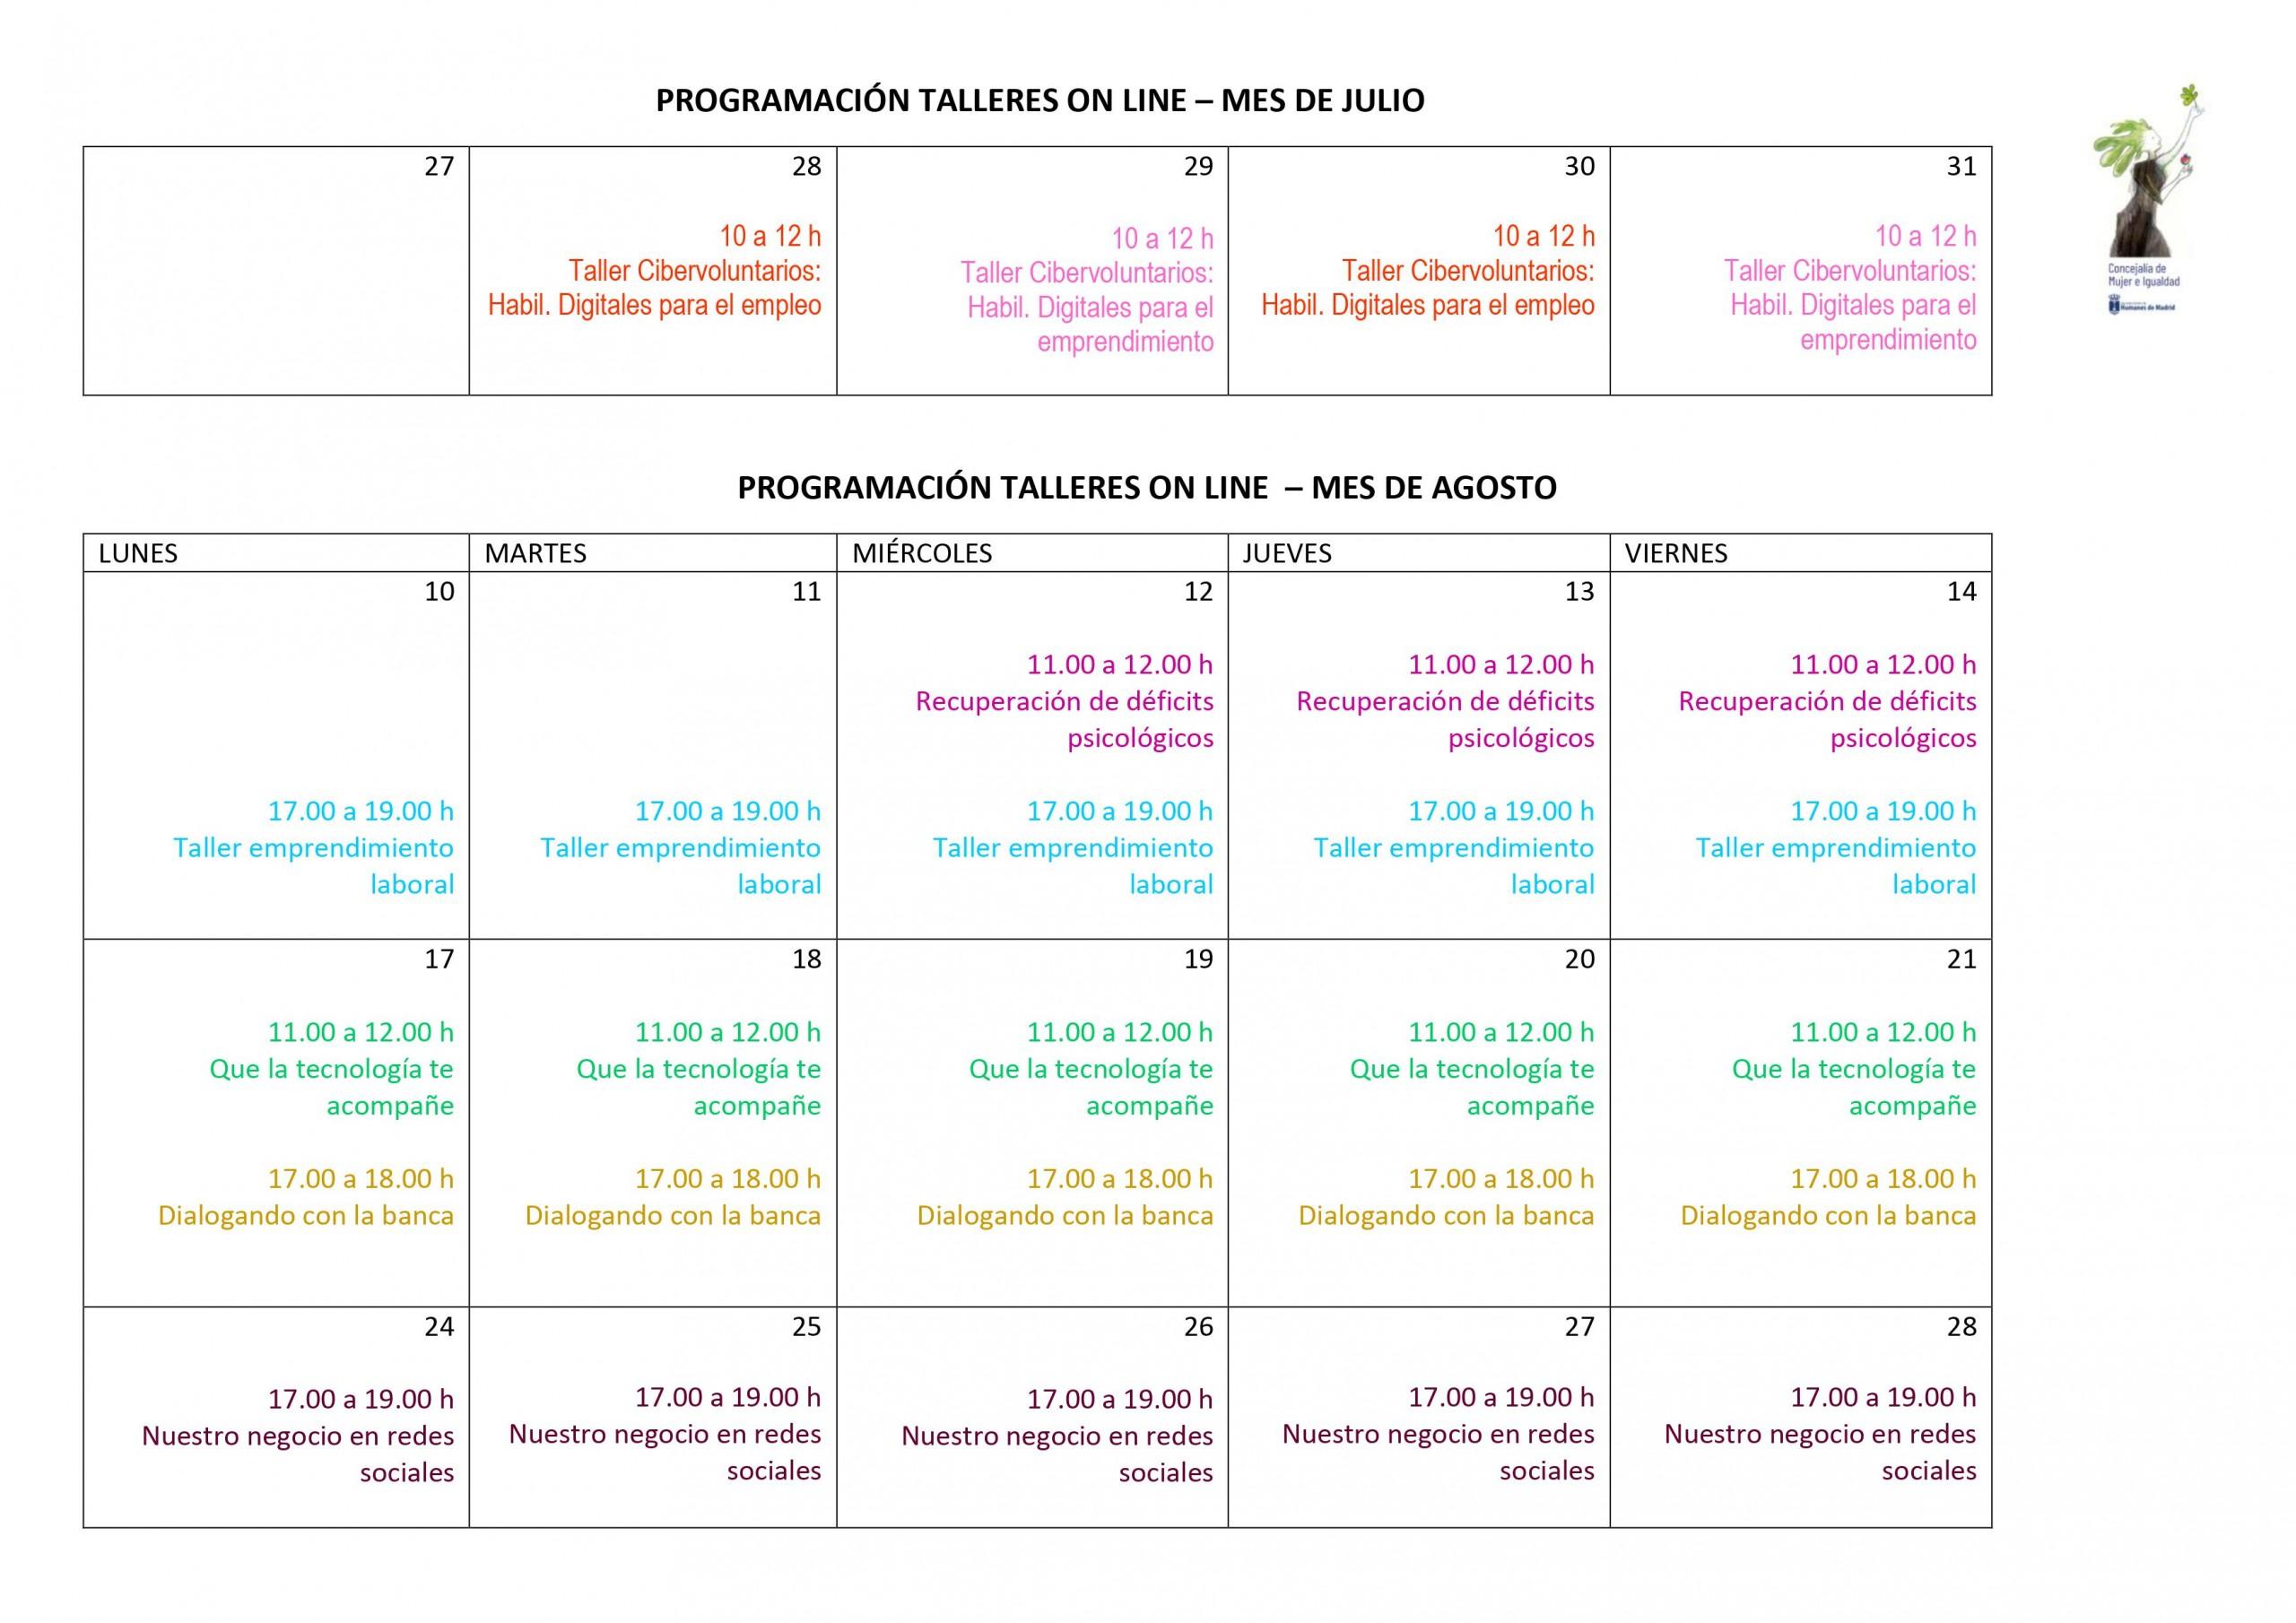 La Concejalía de Mujer e Igualdad te ofrece estos cursos online gratuitos que serán impartidos en julio y agosto.